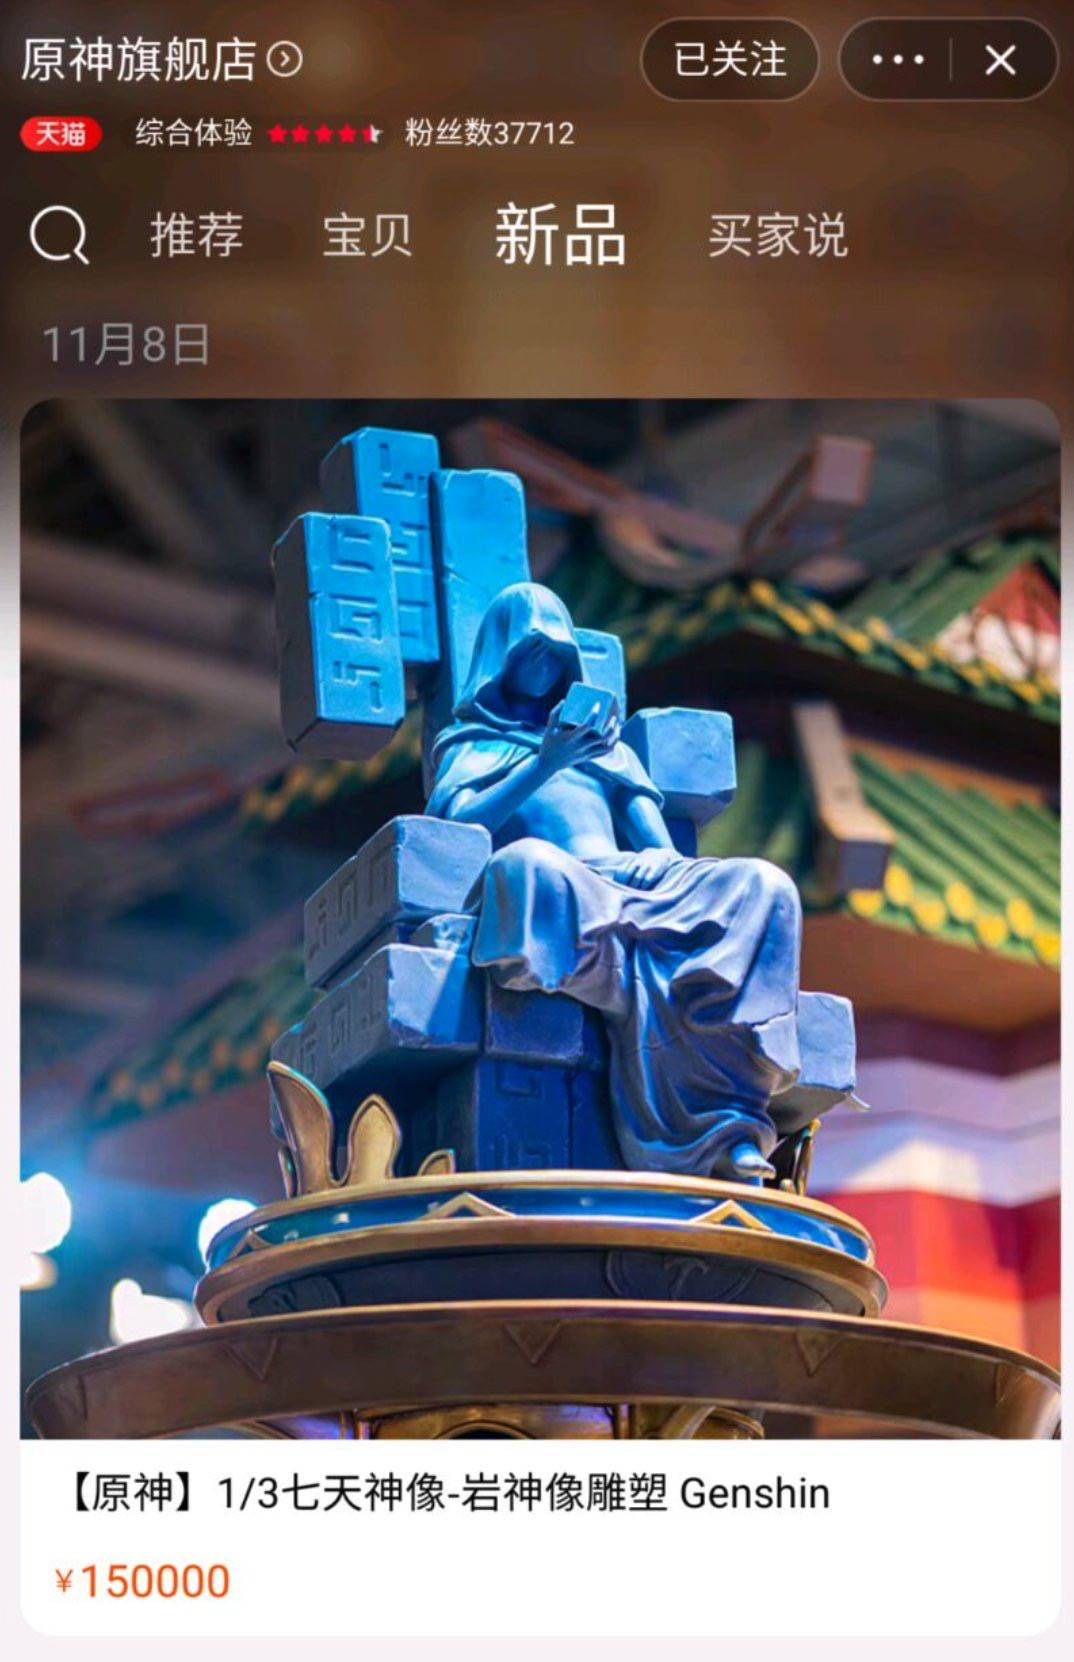 【原神】リアル岩神像がこのお値段ってマジ・・? ← ヤバすぎワロタwwww